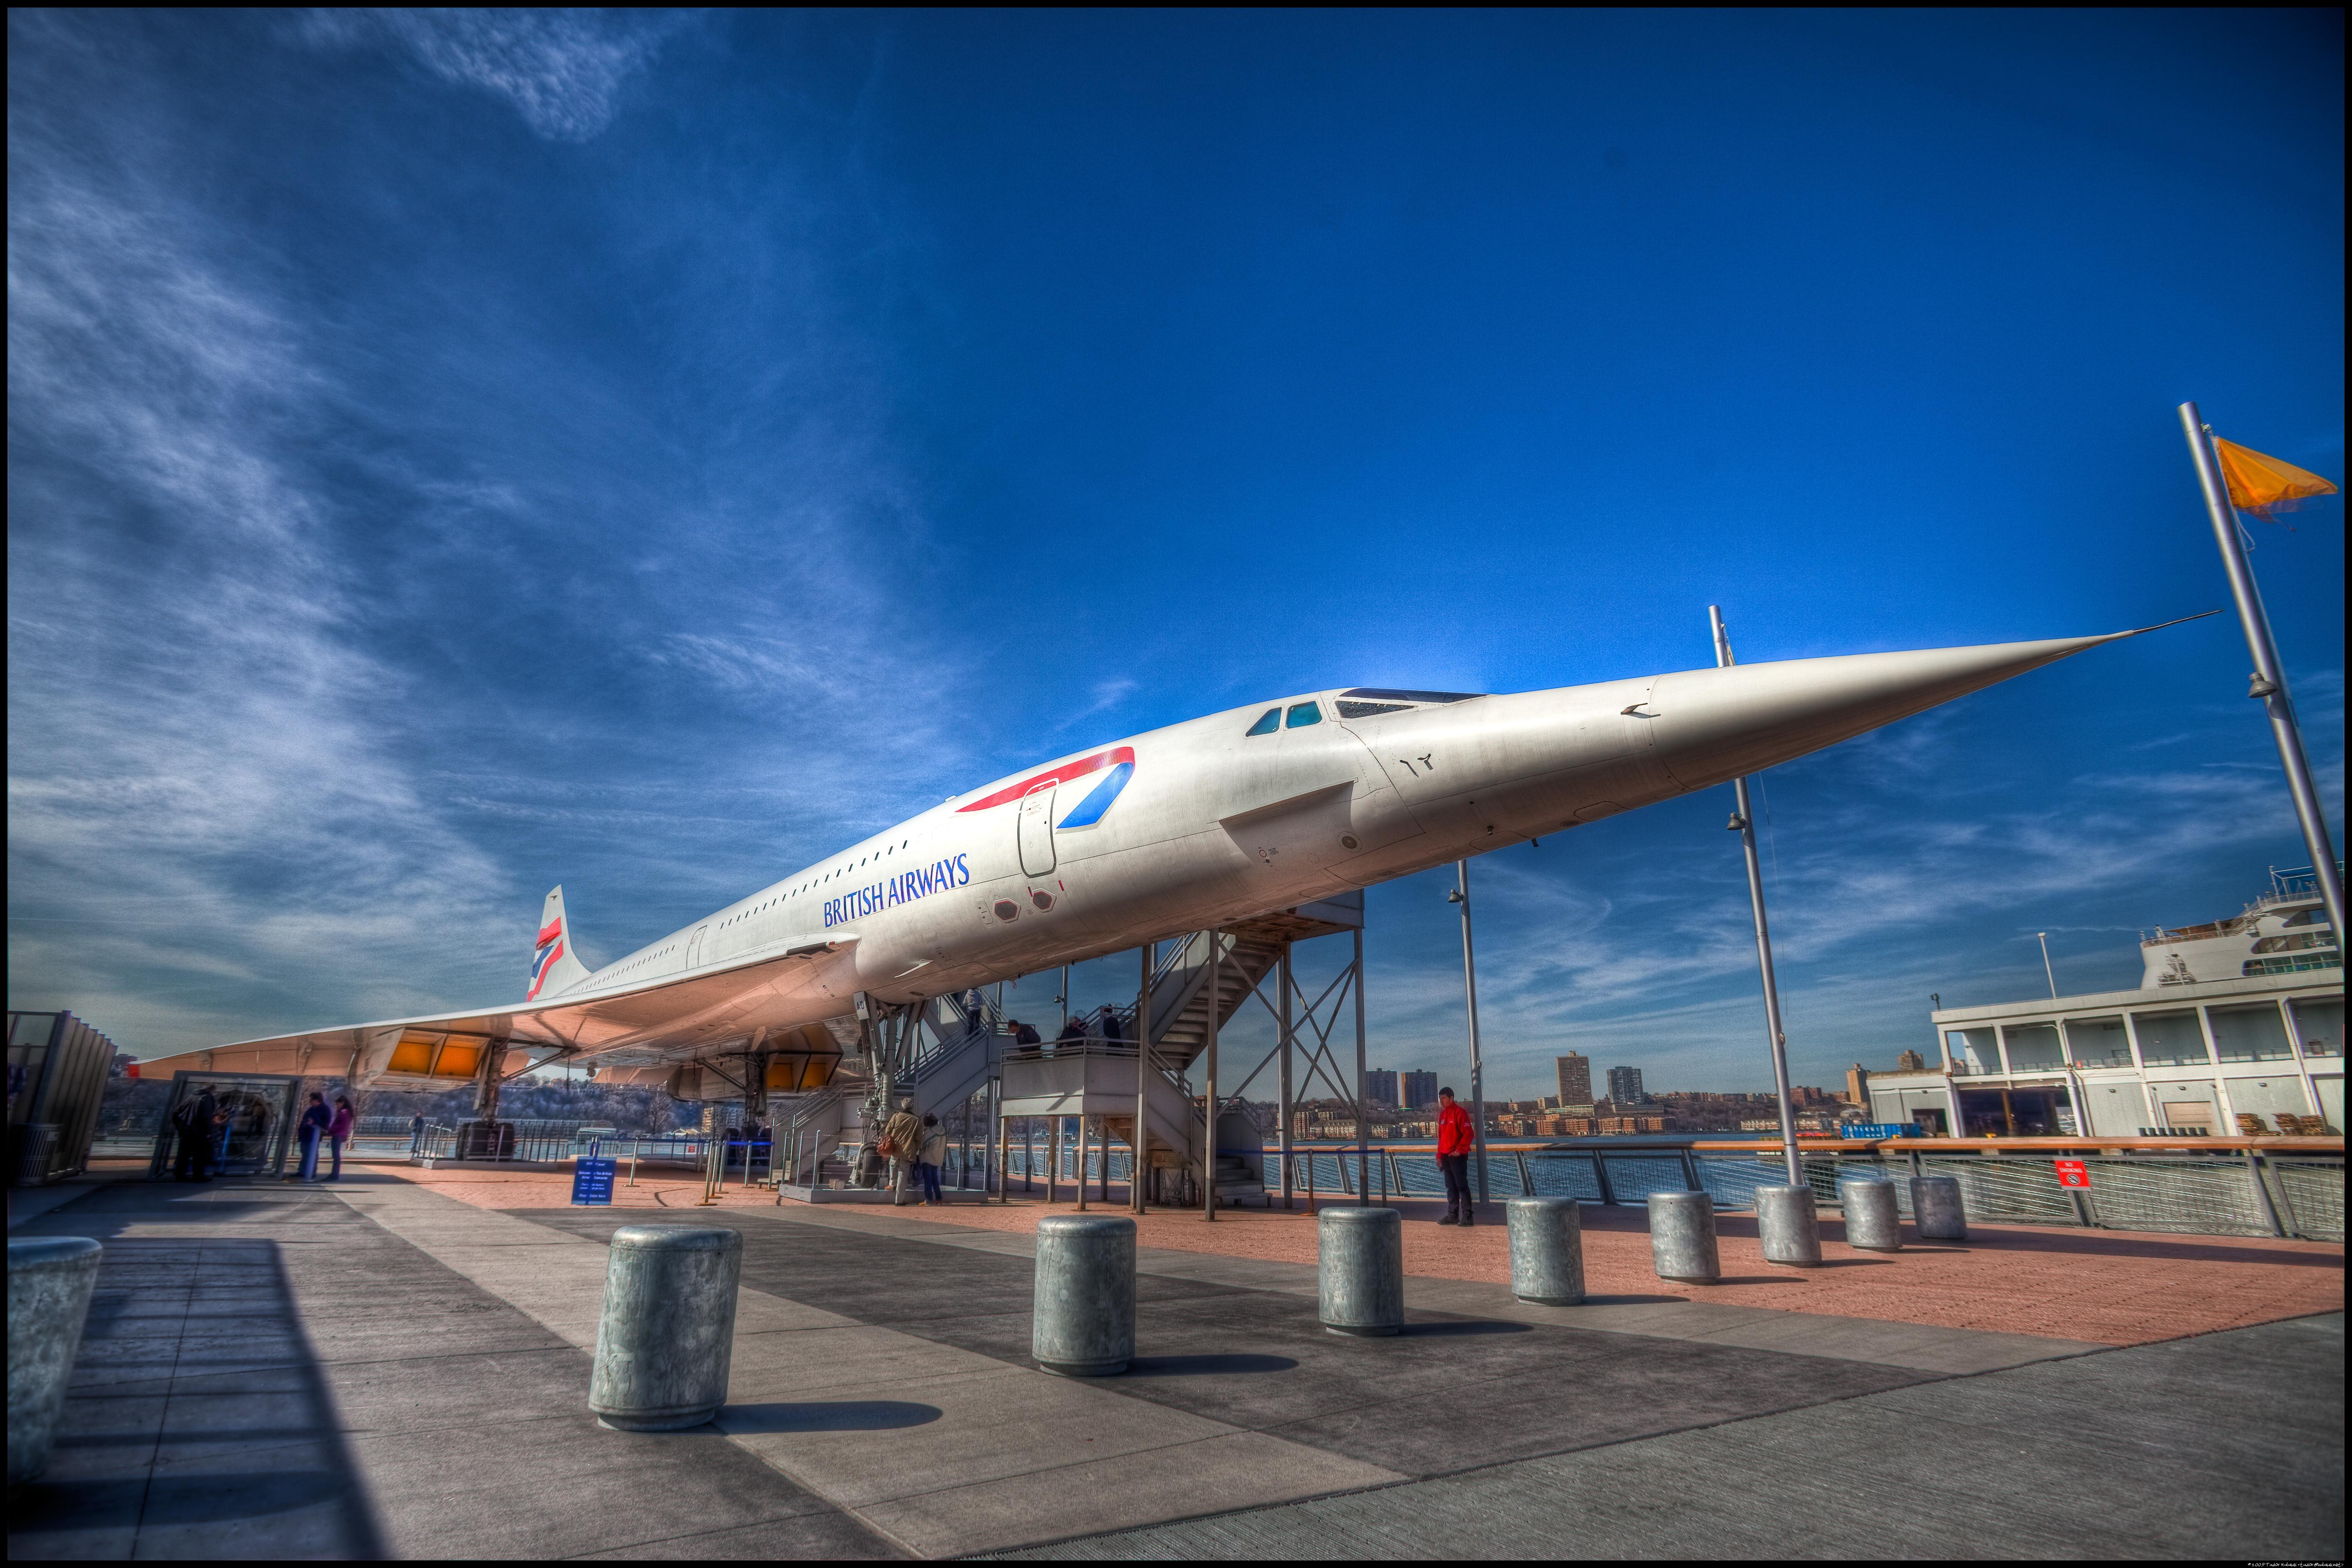 British Airways Concorde 5k Retina Ultra HD Wallpaper Background 5643x3762